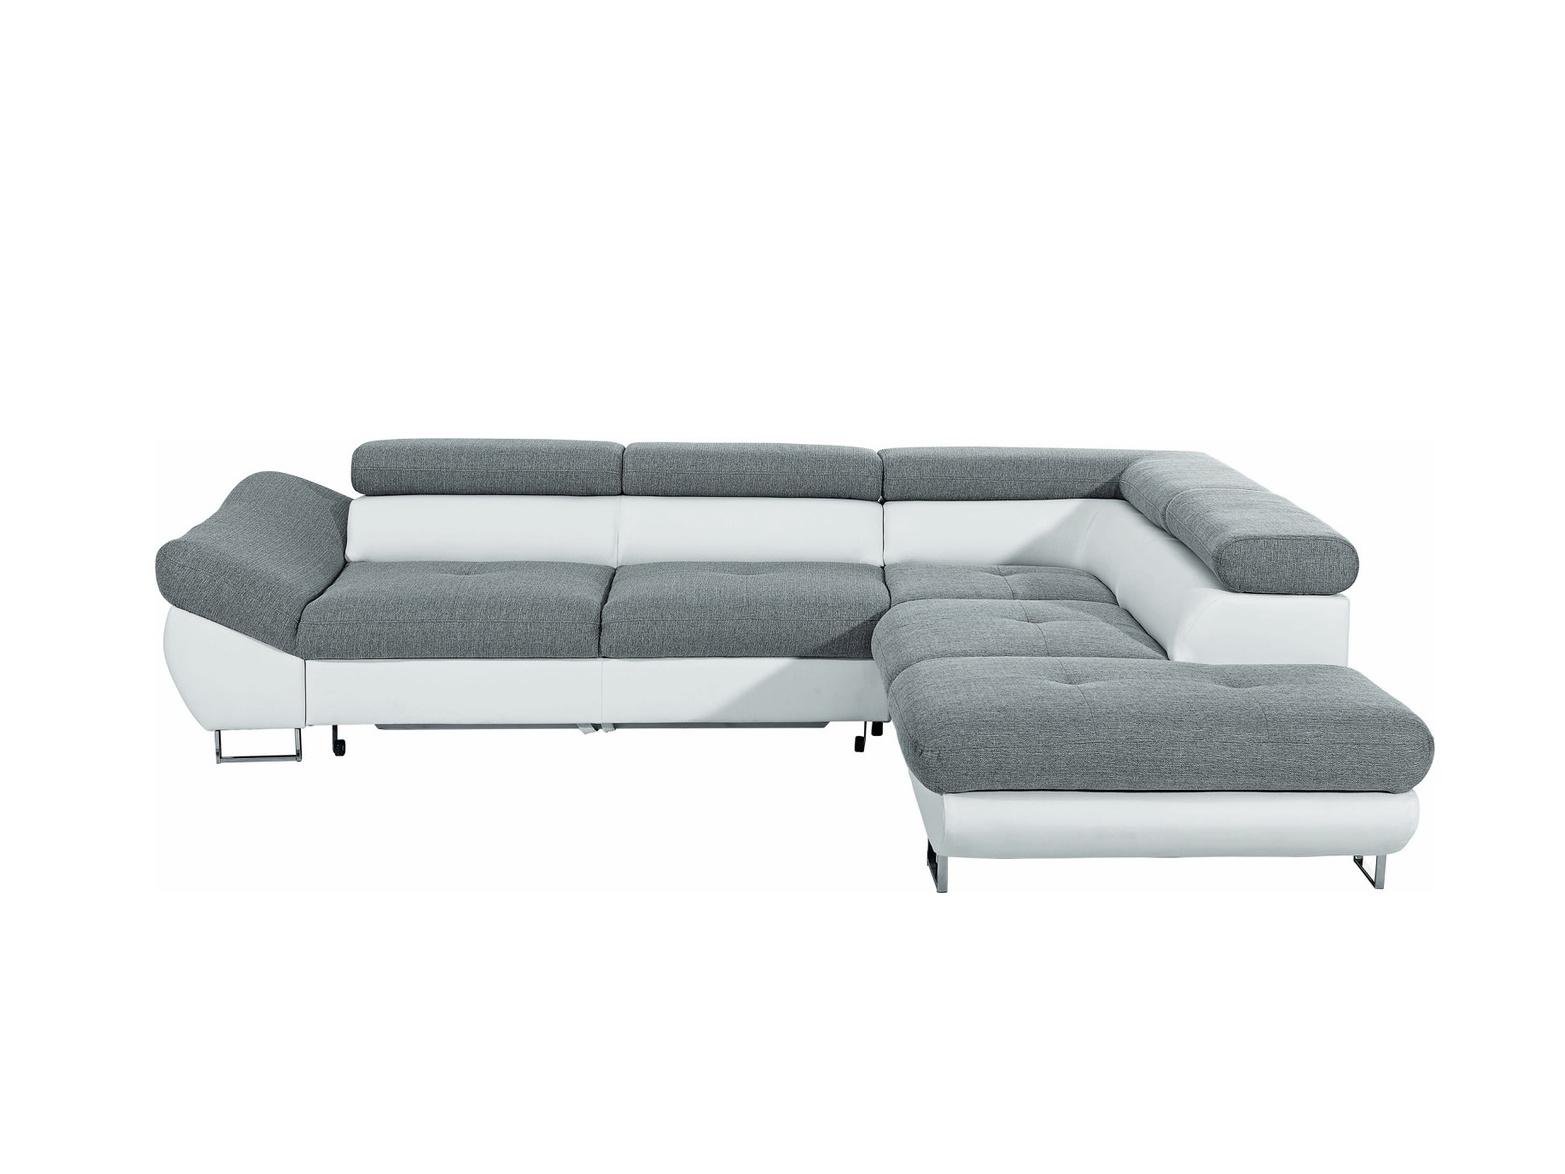 Smartshop Rohová sedačka FABIO, šedá látka/bílá ekokůže